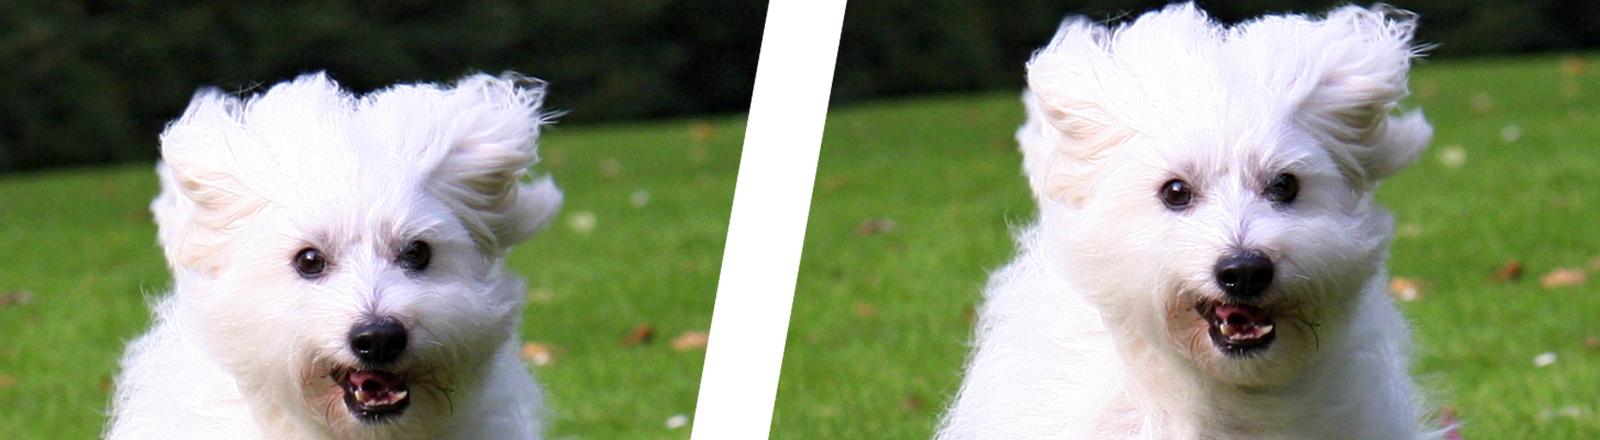 Collage: Ein Hund (doppelt dargestellt) der Rasse Coton de Tuléar